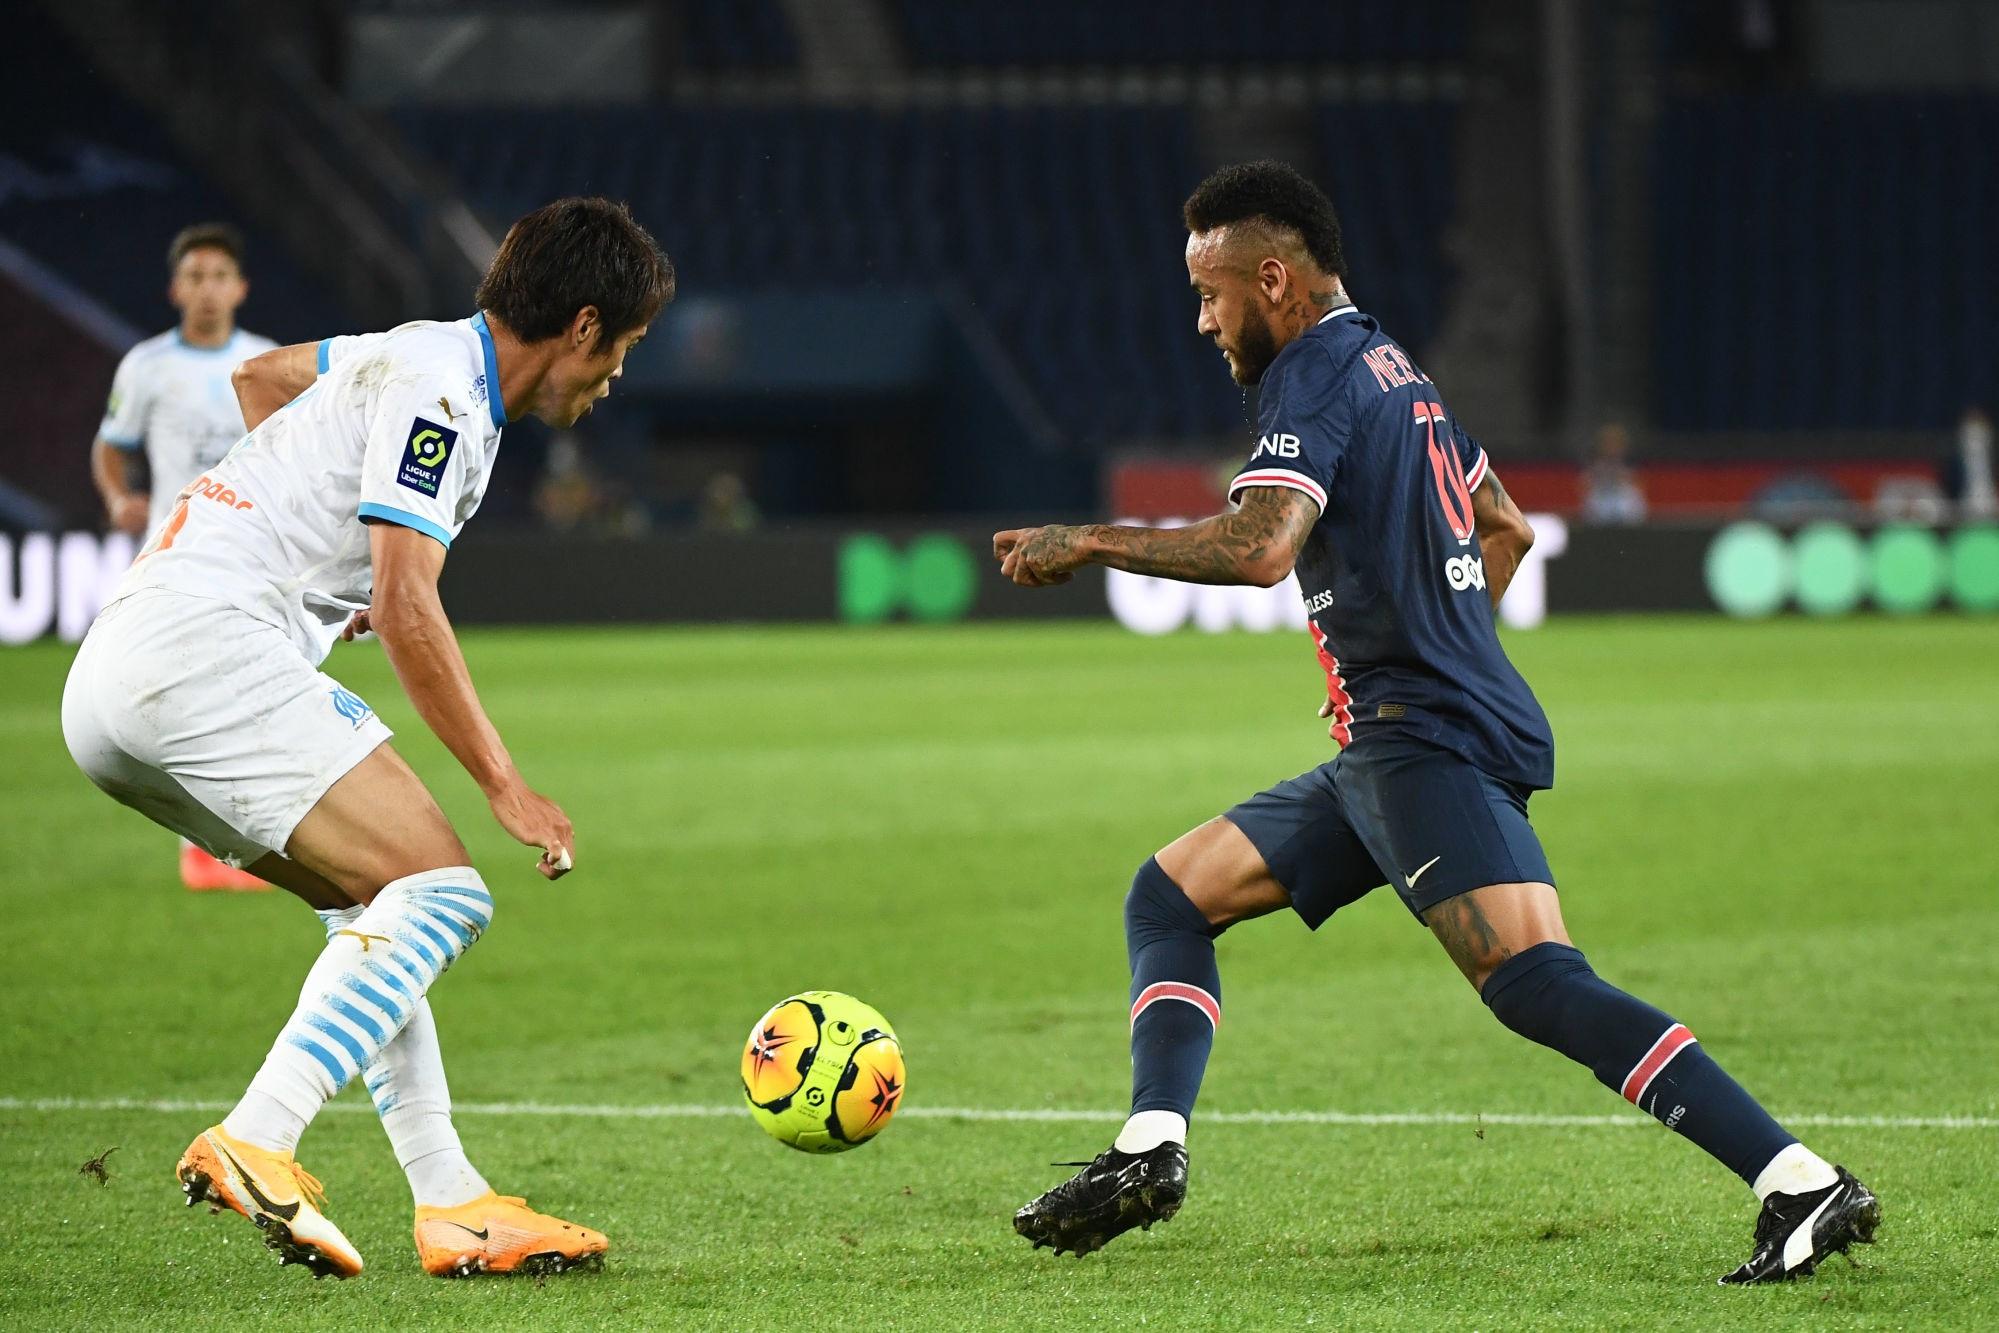 L'OM aurait des preuves incriminants Neymar, le PSG riposte